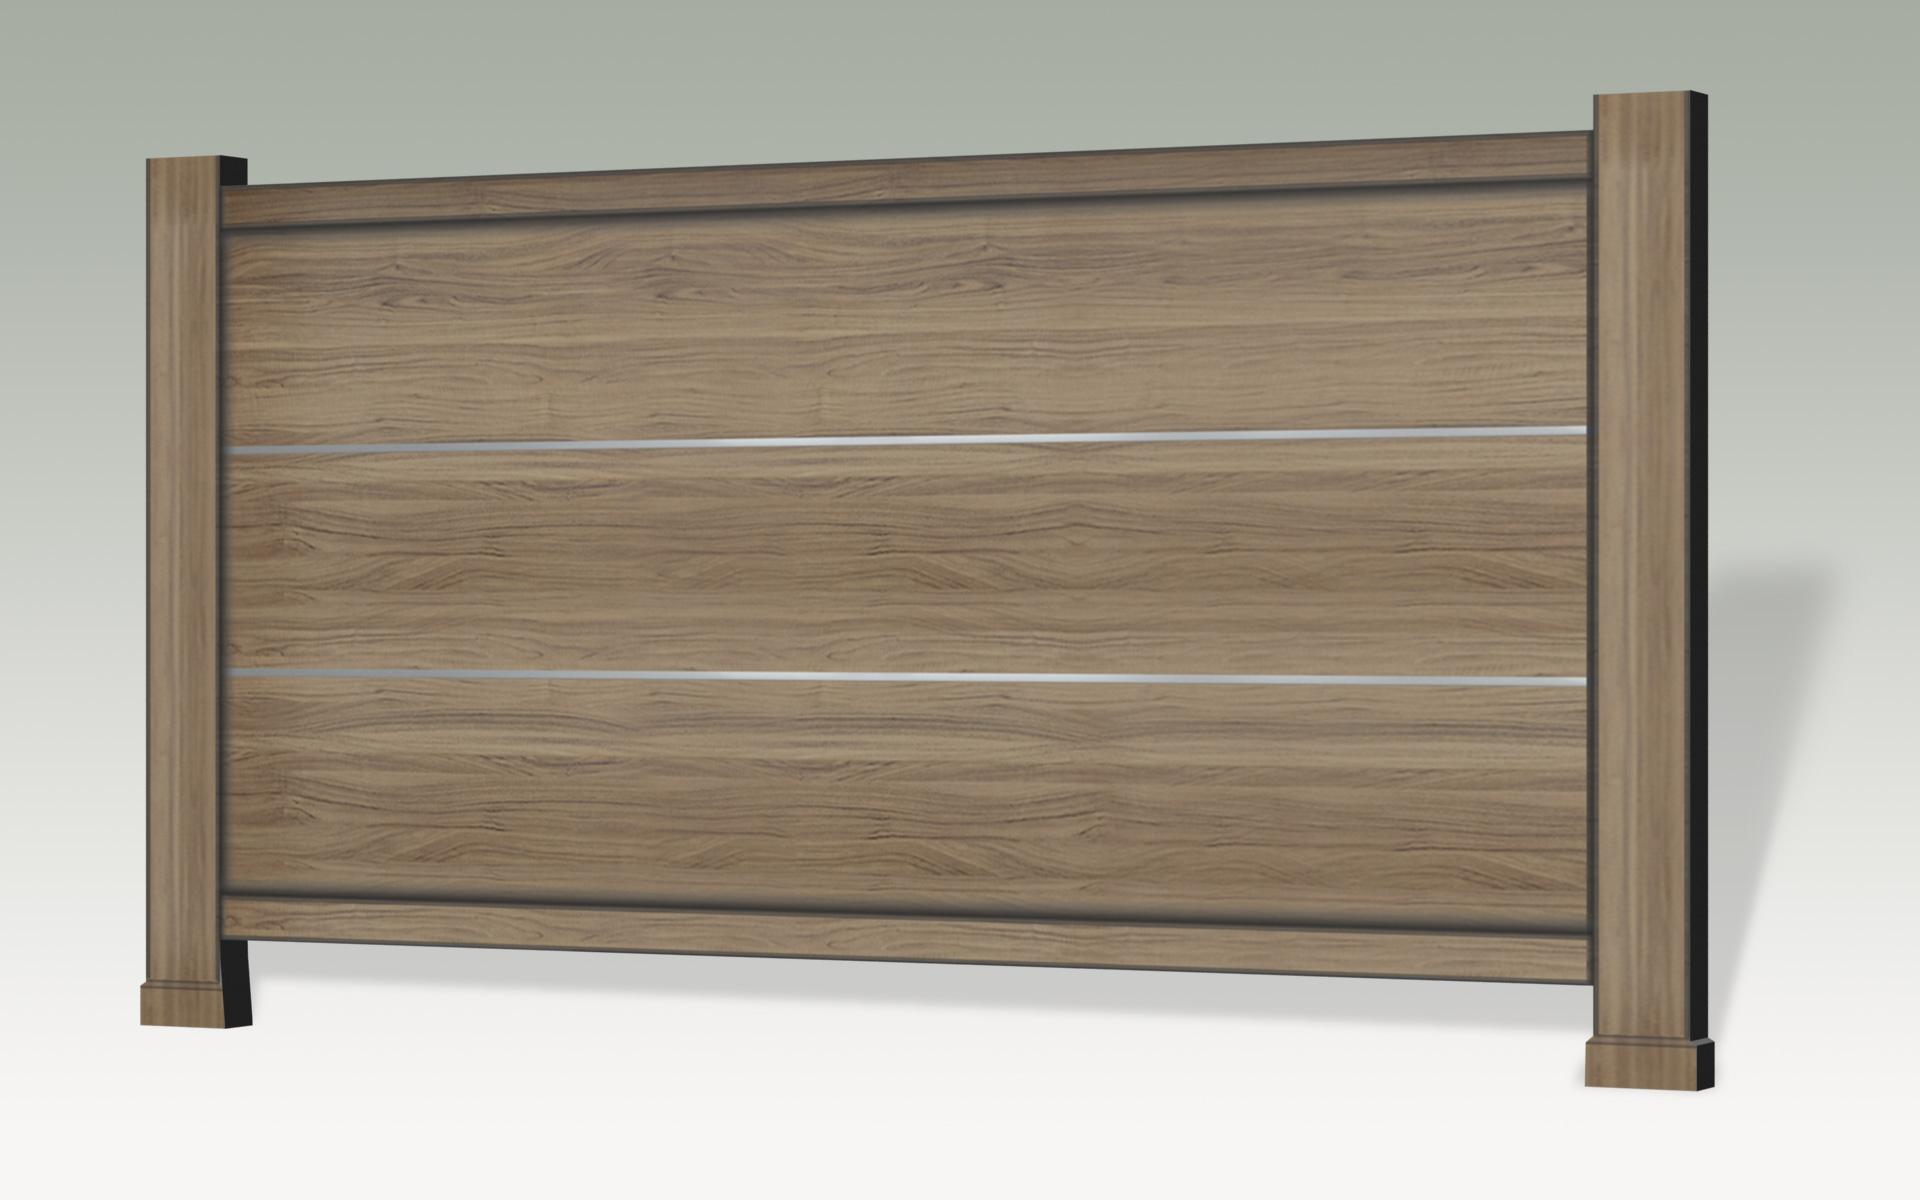 Styledoors perifraxi elegance e6475i